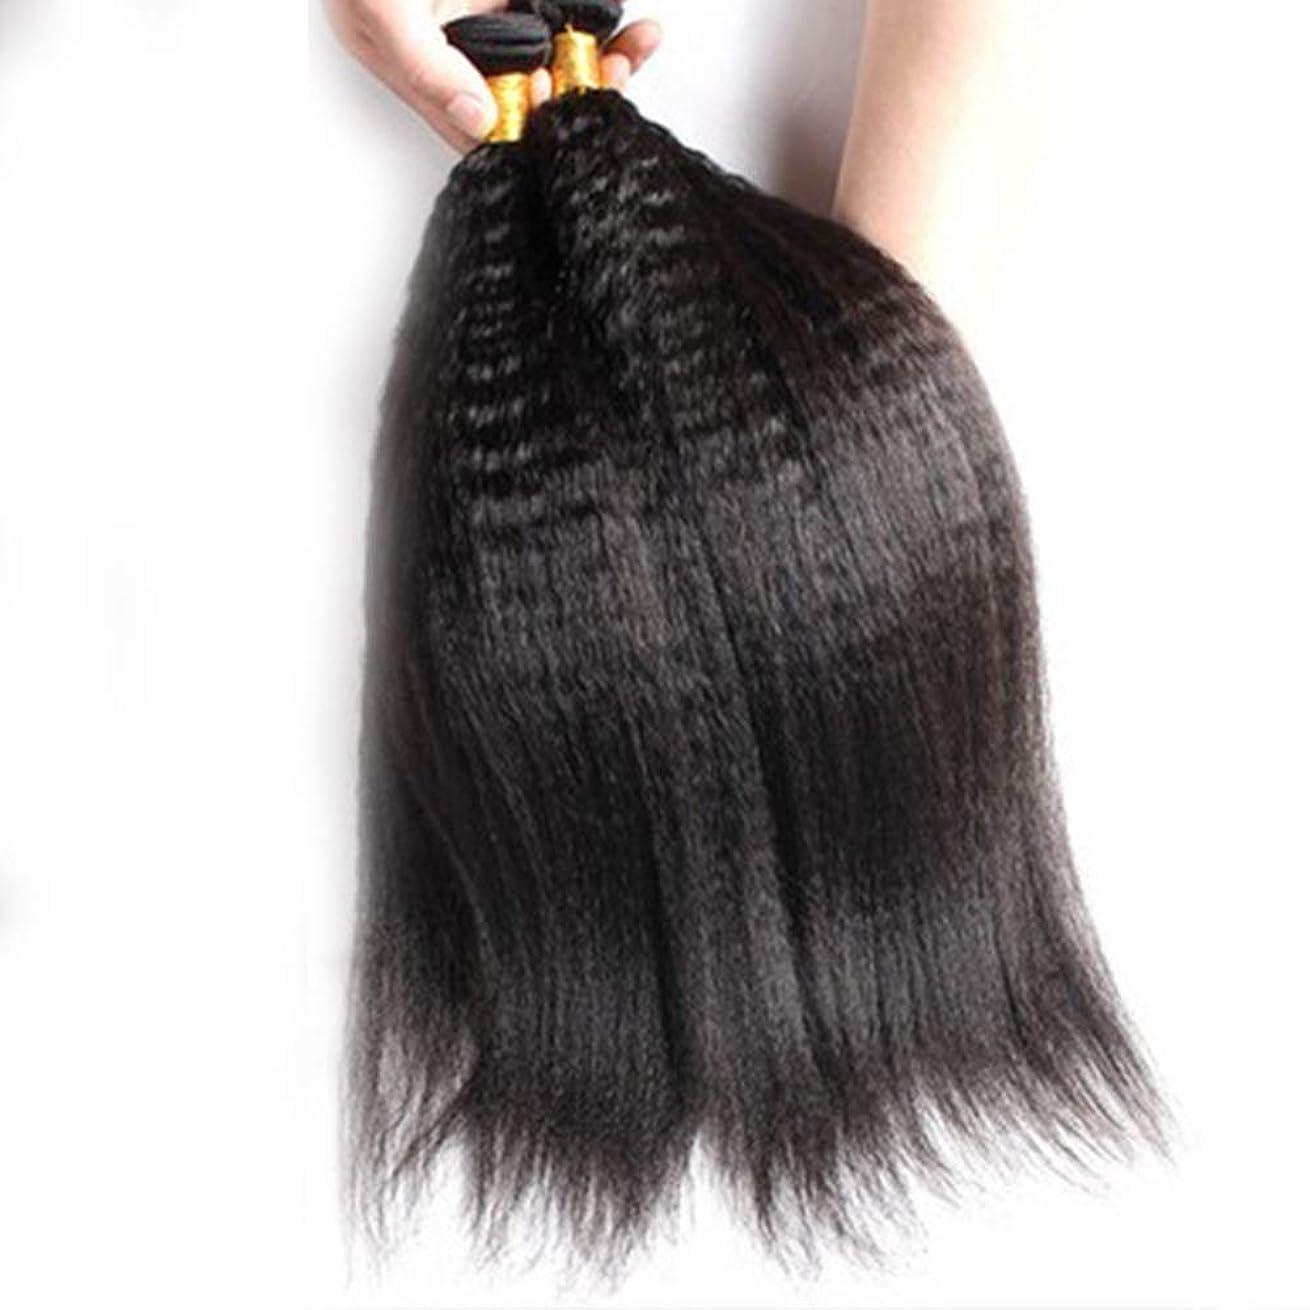 経験者コア言うBOBIDYEE ブラジルのリアルかつら髪を編む変態ストレートシームレスパッチ髪天然毛ブロック合成髪レースかつらロールプレイングかつら (色 : Natural Color, サイズ : 10inch)